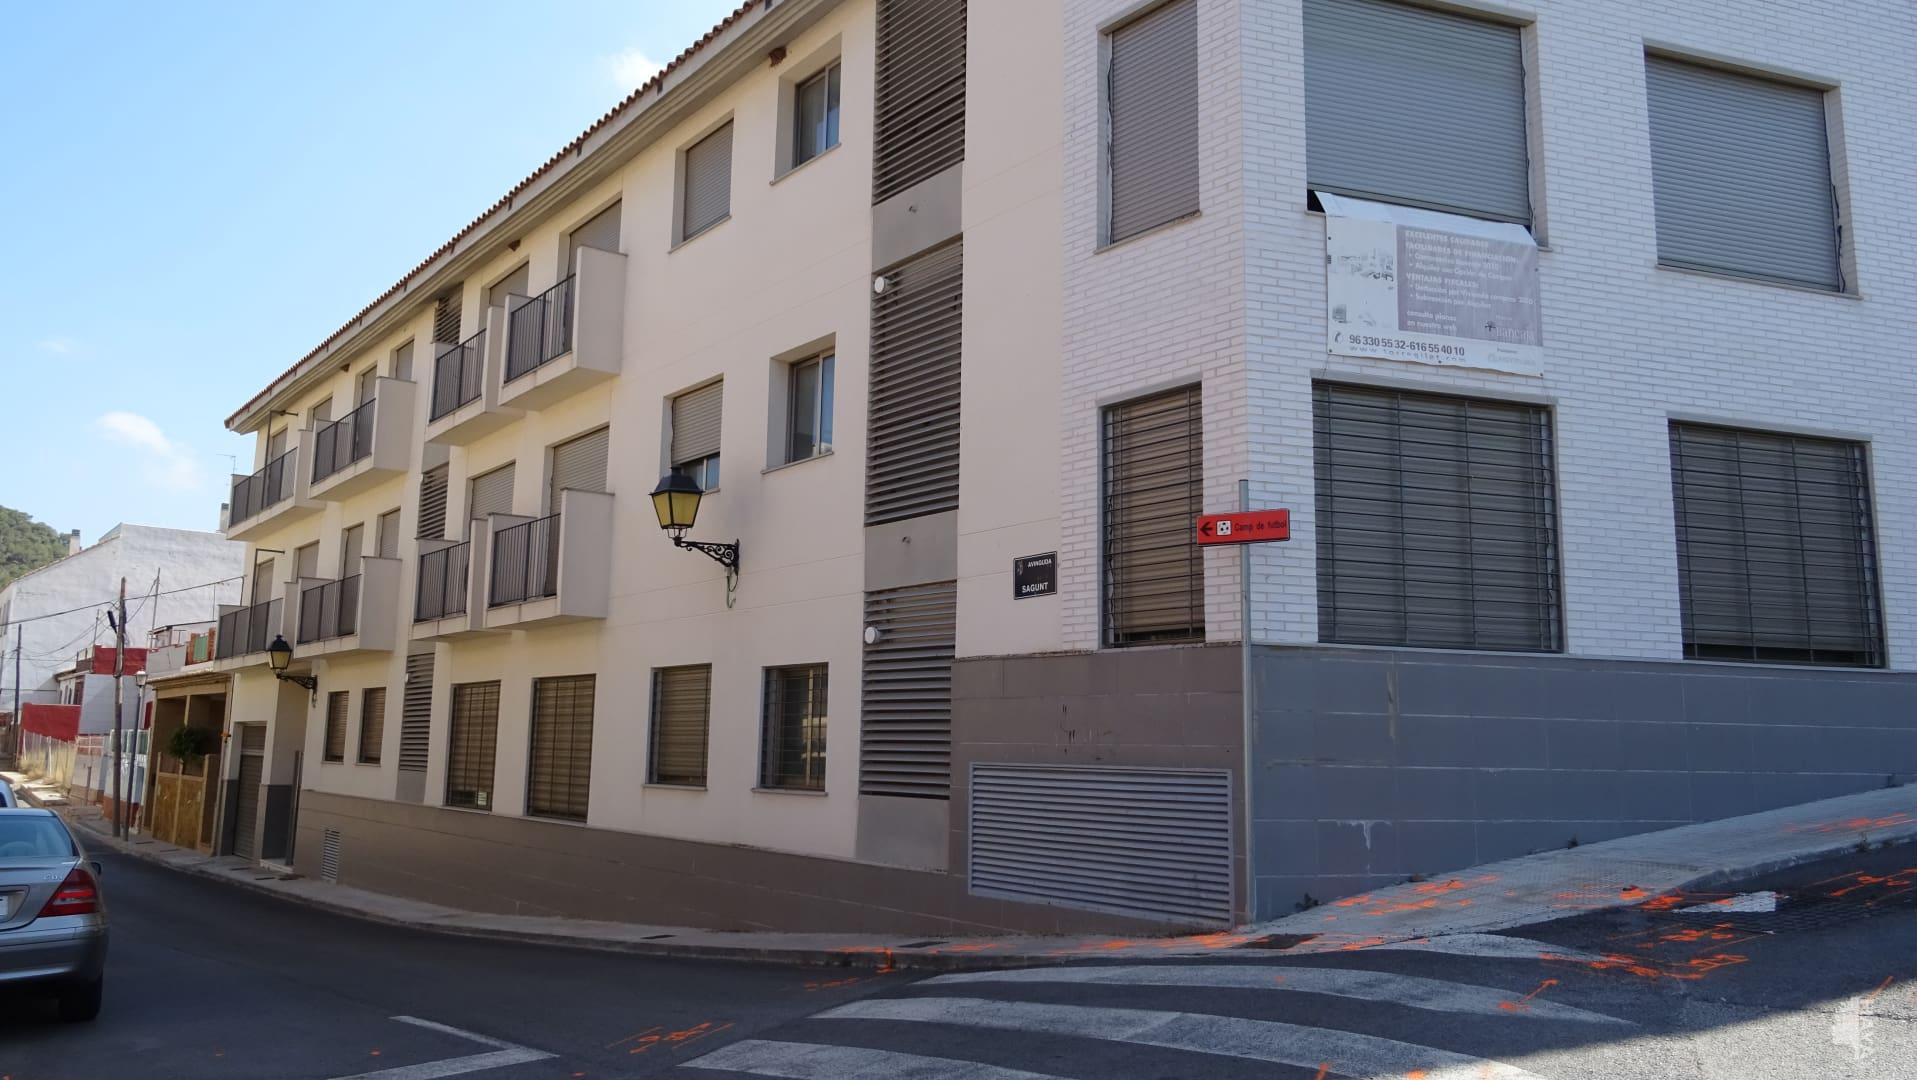 Piso en venta en Gilet, Gilet, Valencia, Calle Sagunt, 125.000 €, 3 habitaciones, 2 baños, 125 m2